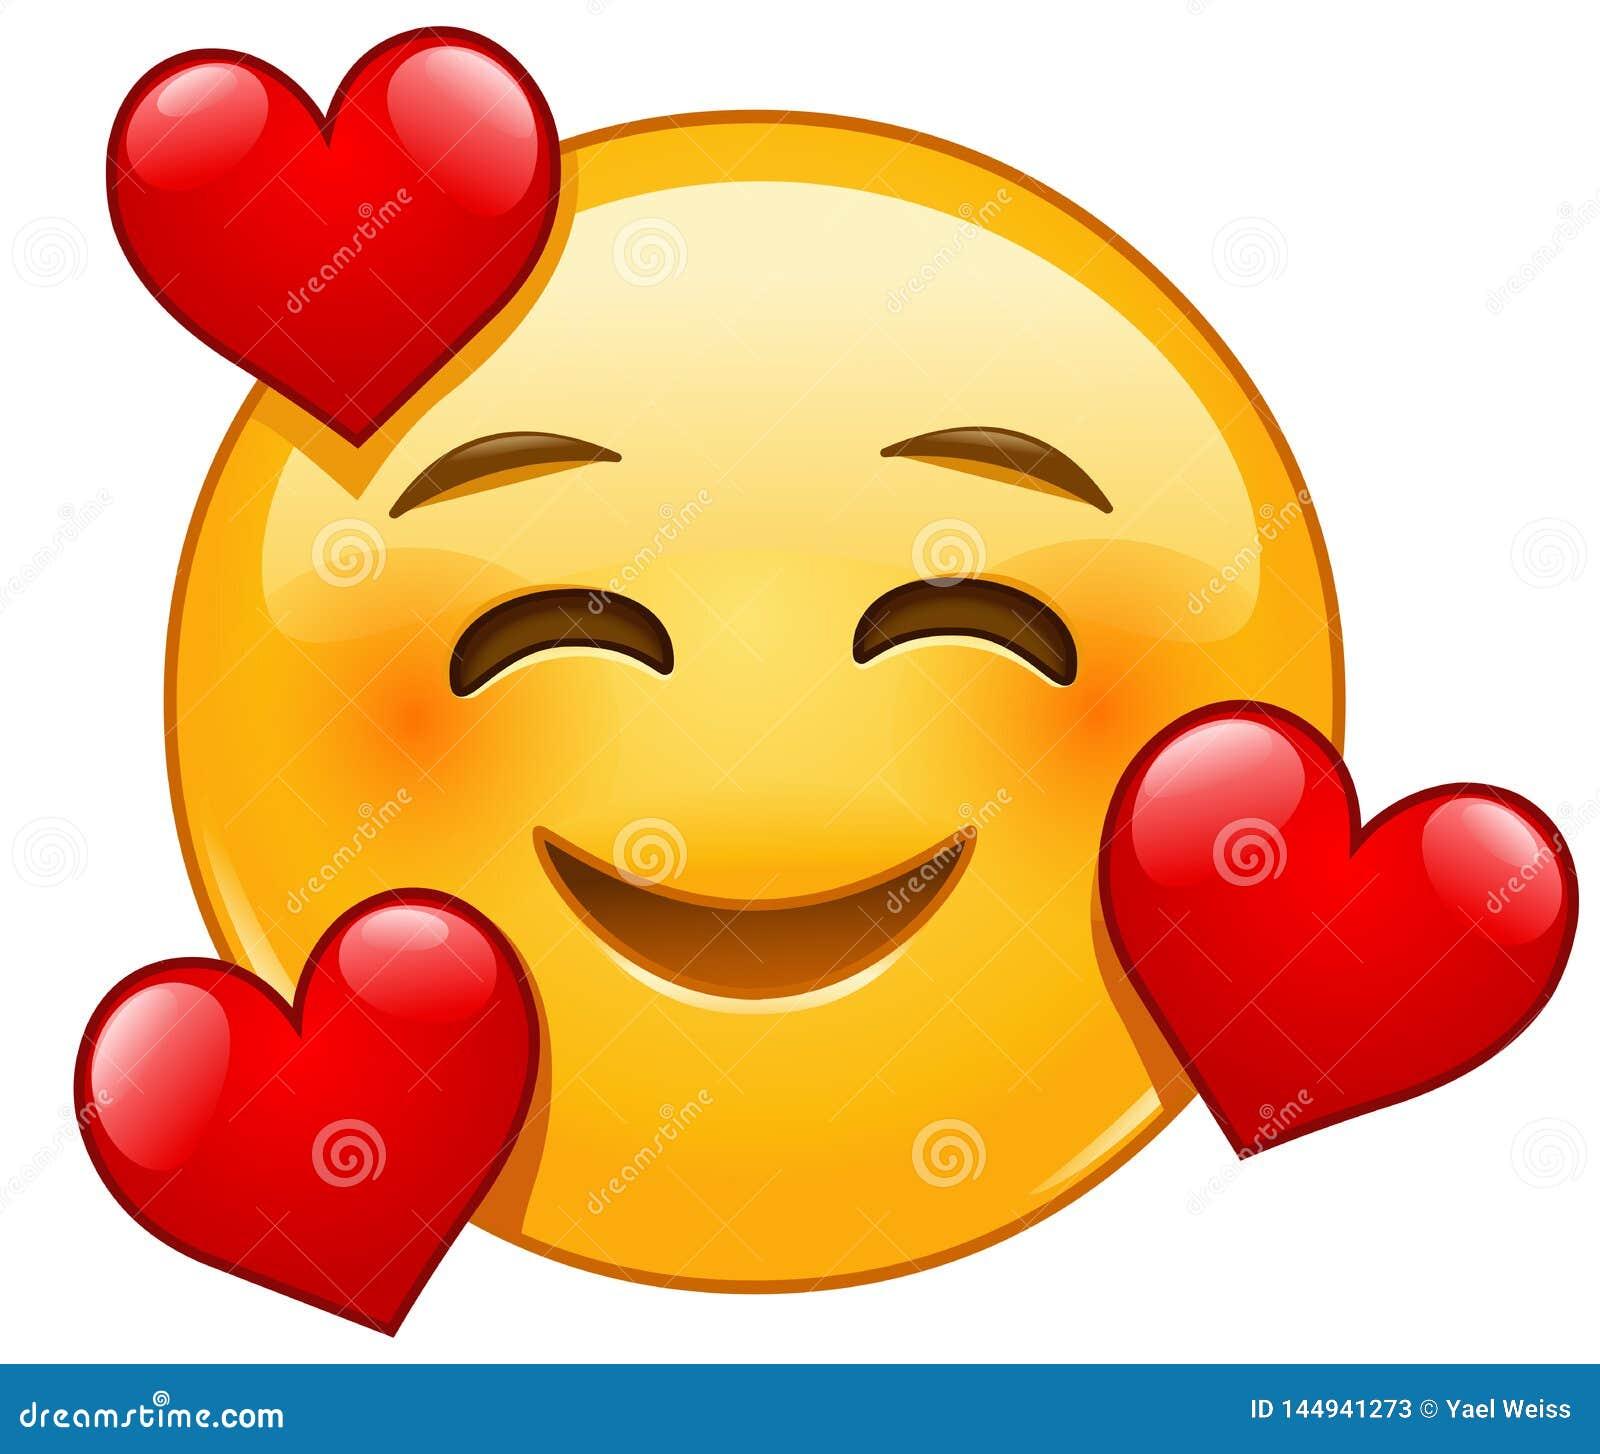 Bedeutung herzen emoji Herz